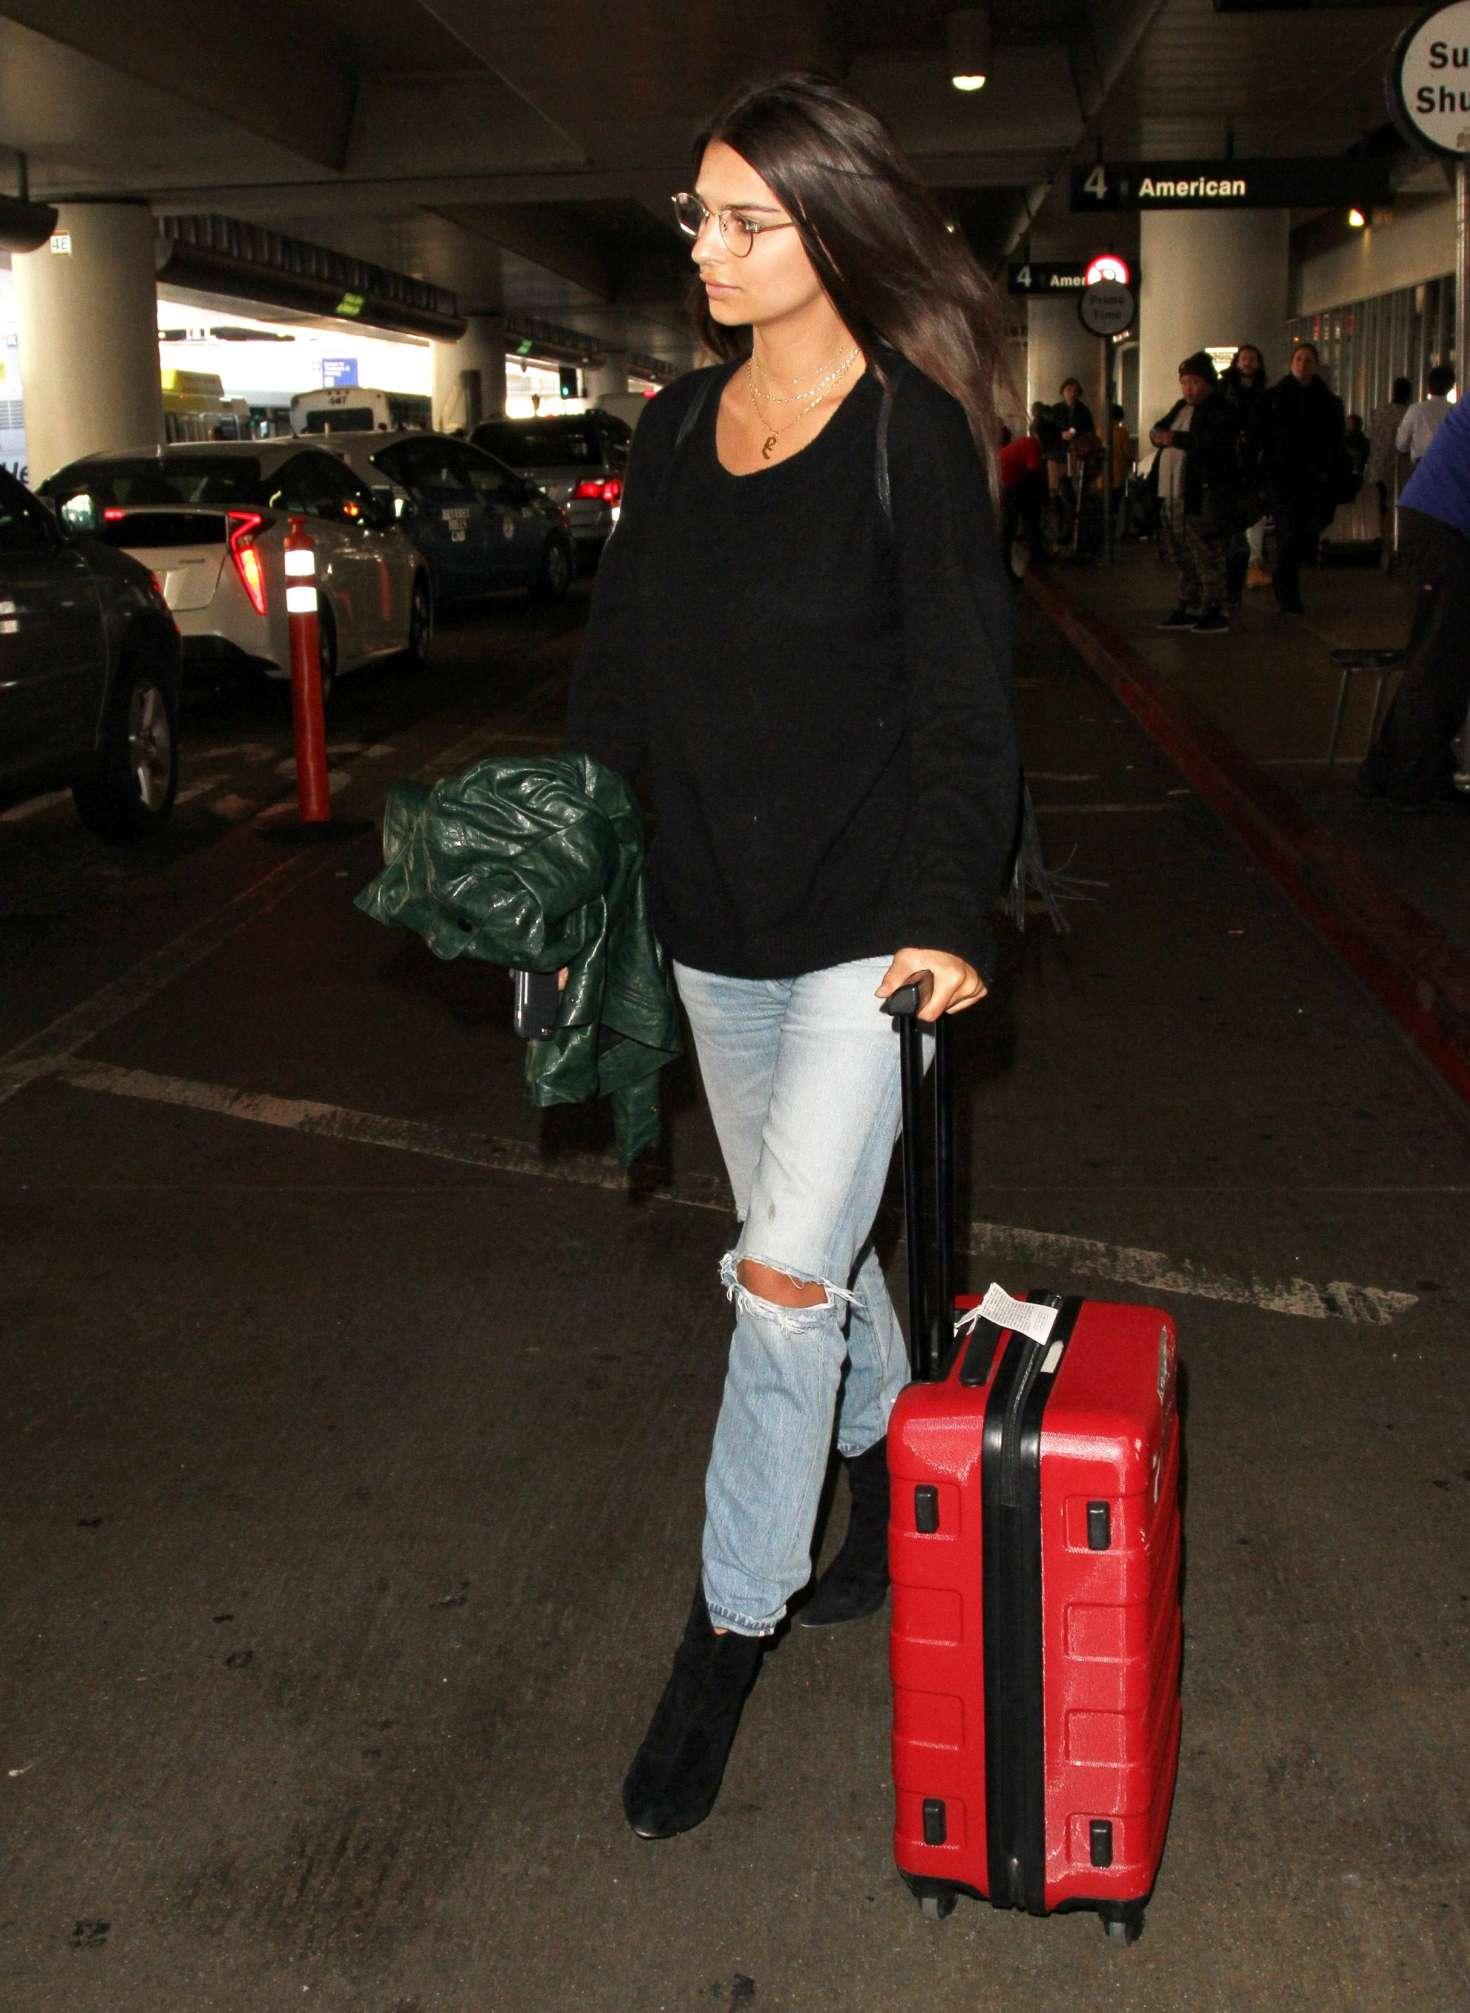 Emily Ratajkowski 2016 : Emily Ratajkowski in Ripped Jeans at LAX Airport -18